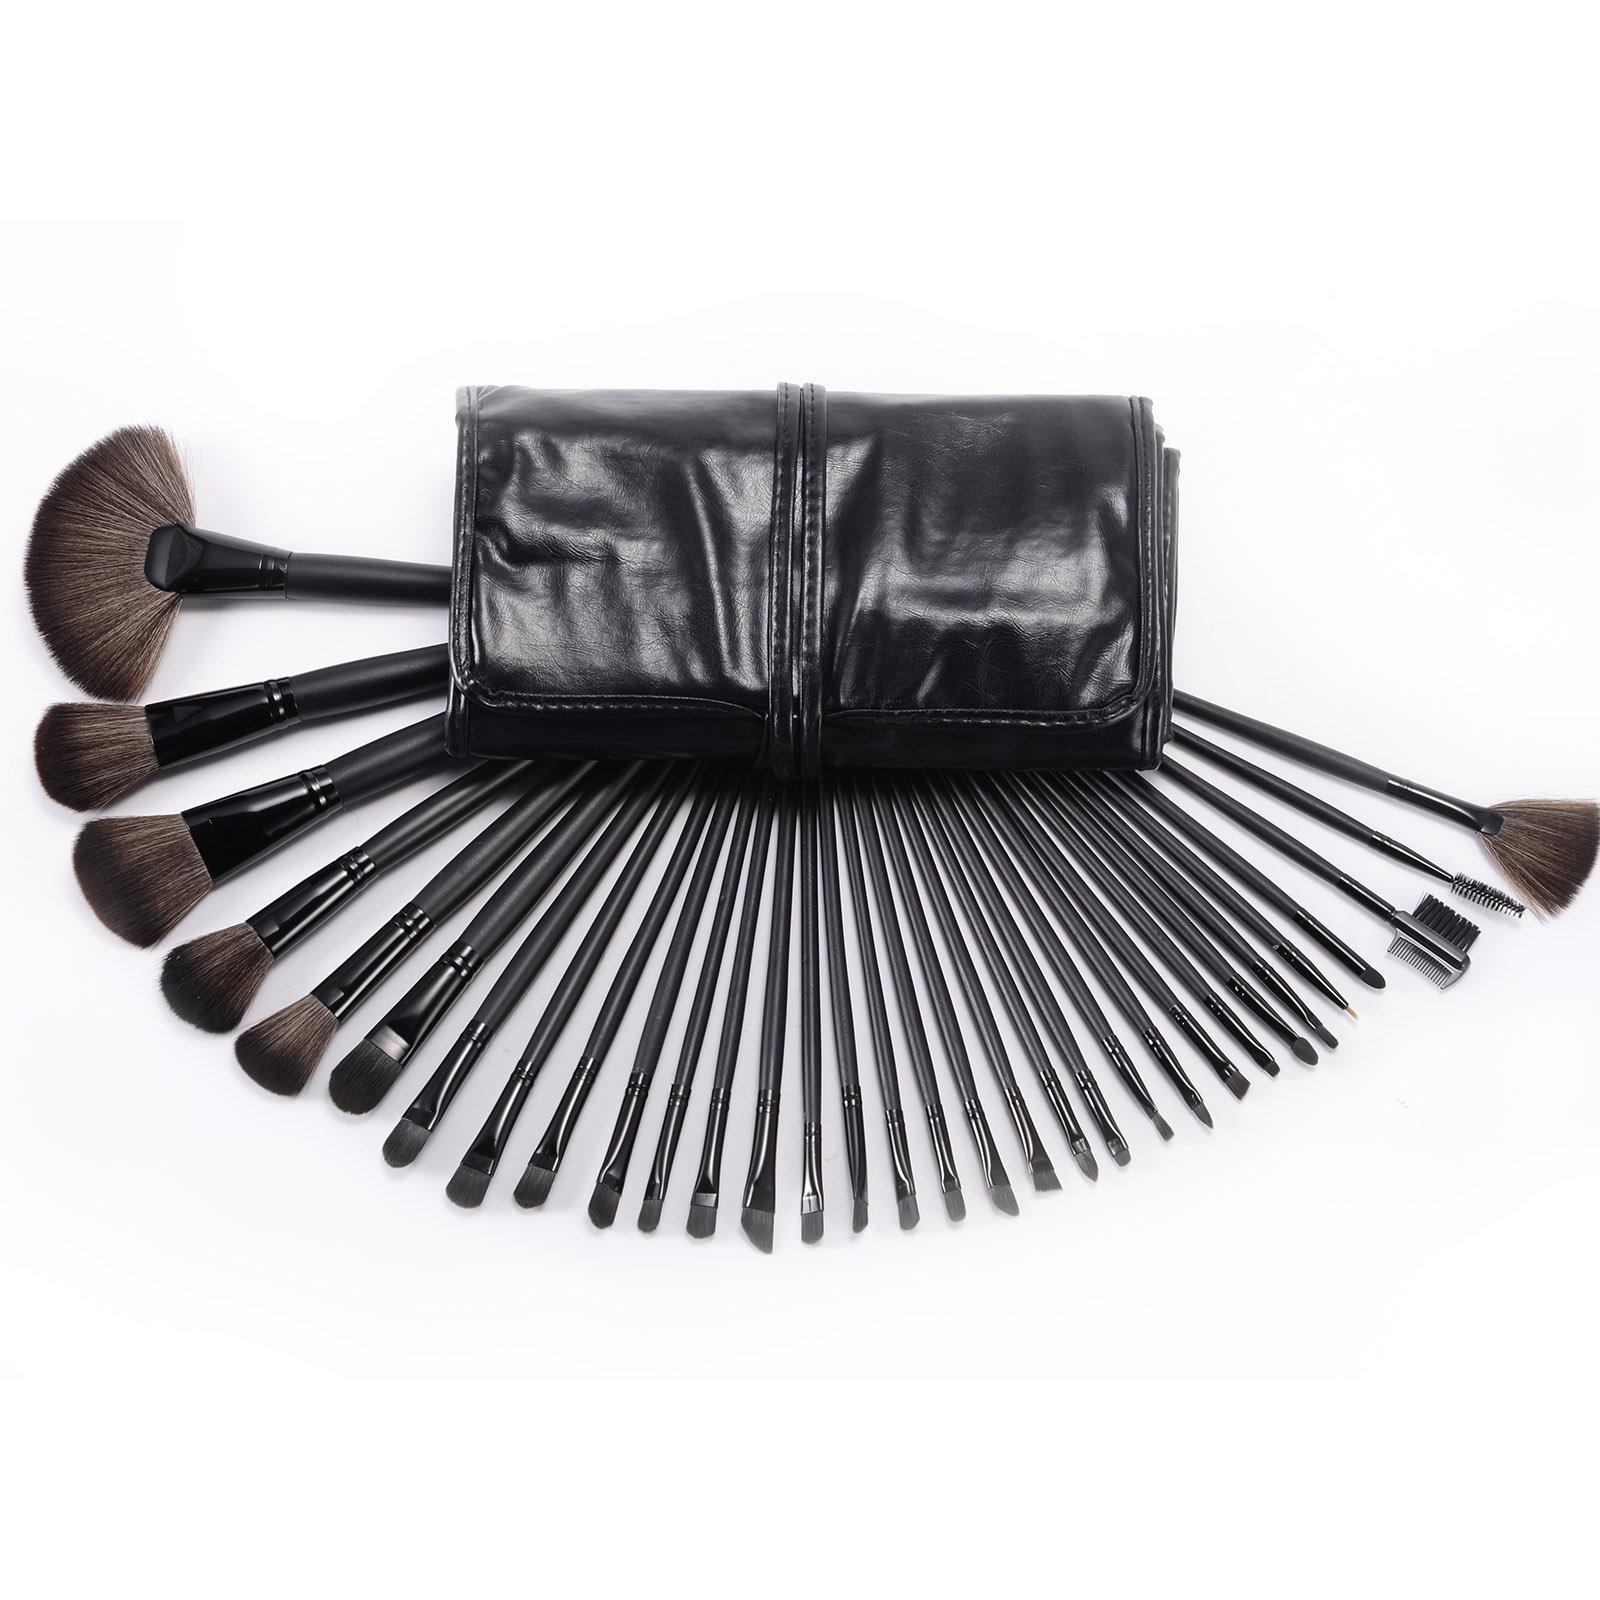 CLE DE TOUS - Set de 32 Brochas Pinceles para Cosmetico Maquillaje Pincel Brocha con Estuche Manta Negra para Fiesta Navidad: Amazon.es: Bricolaje y herramientas